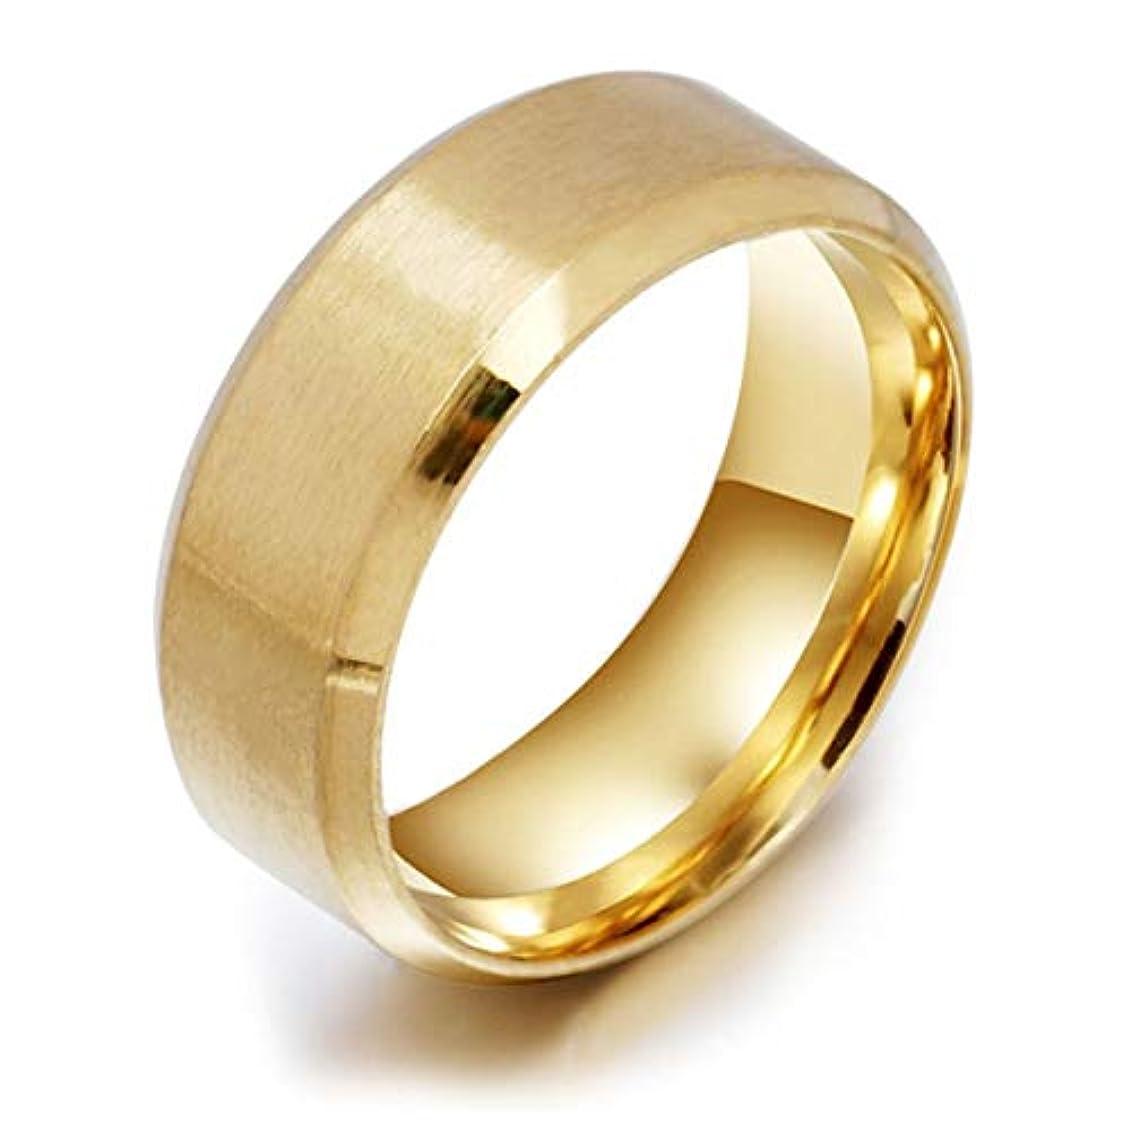 カーテン解凍する、雪解け、霜解けナビゲーションステンレス鋼の医療指リング磁気減量リング男性のための高いポーランドのファッションジュエリー女性リング-ゴールド10